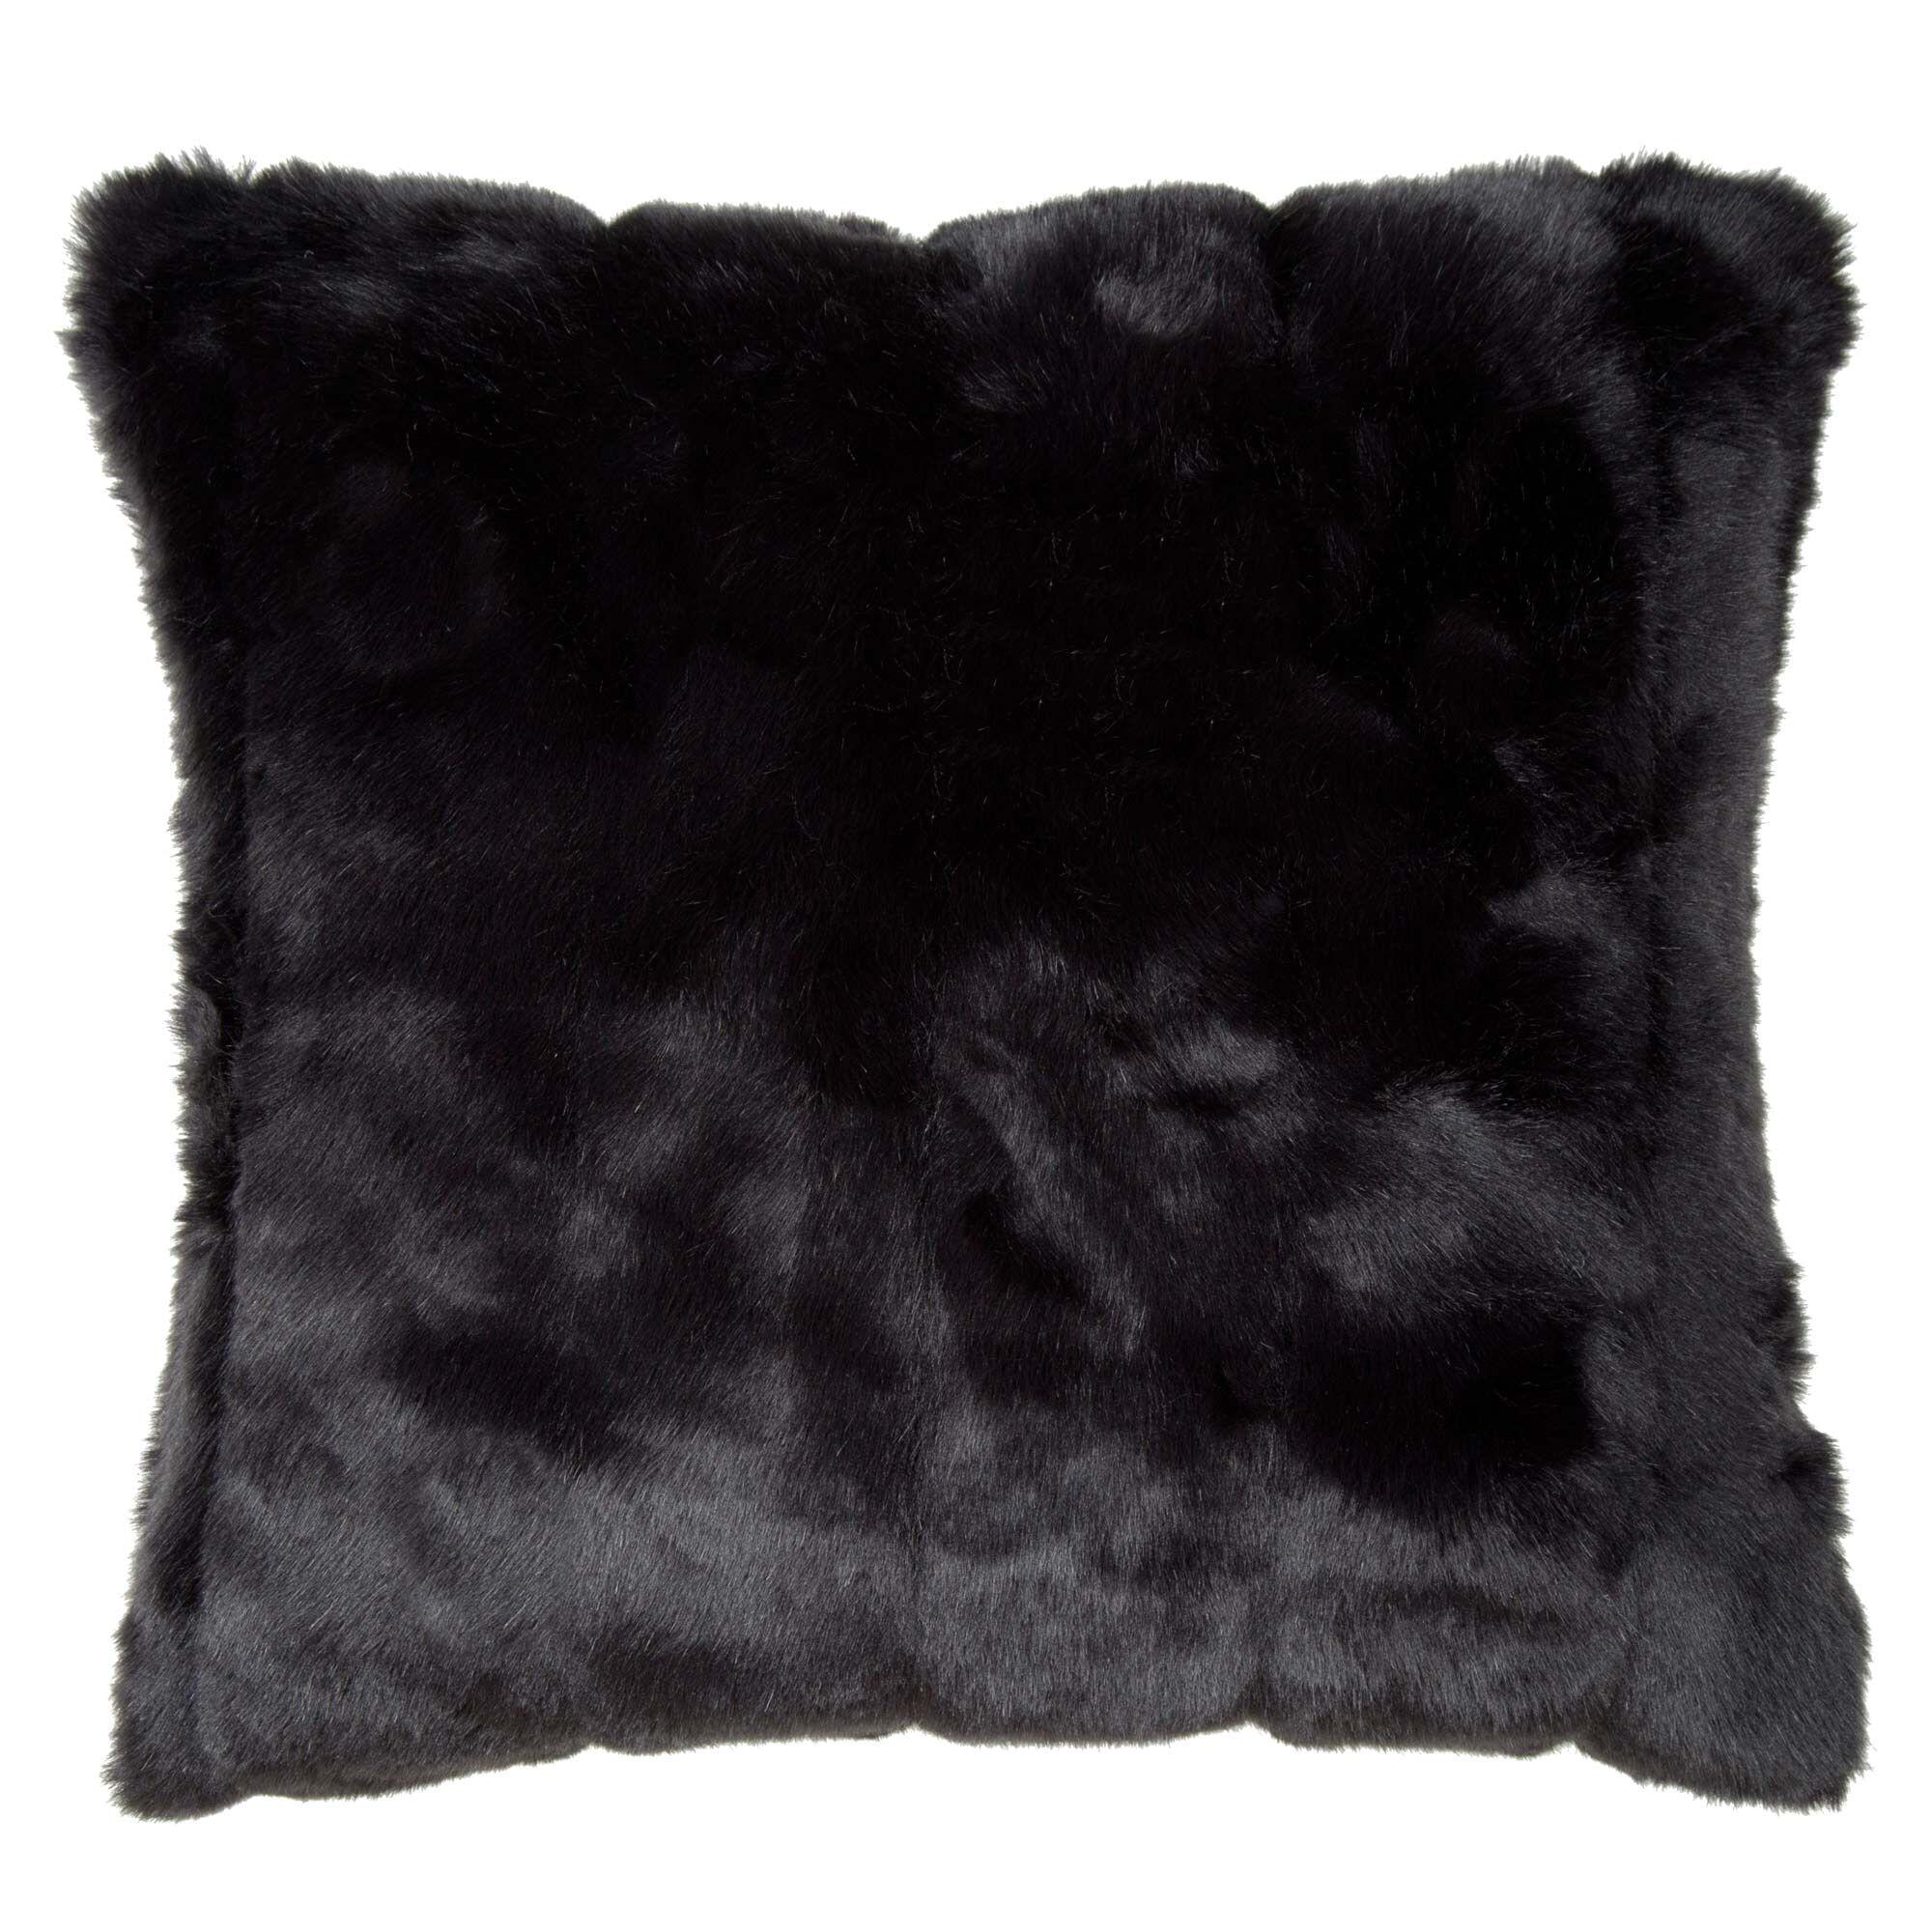 Nebraska Pillow Cover Size: 23.4